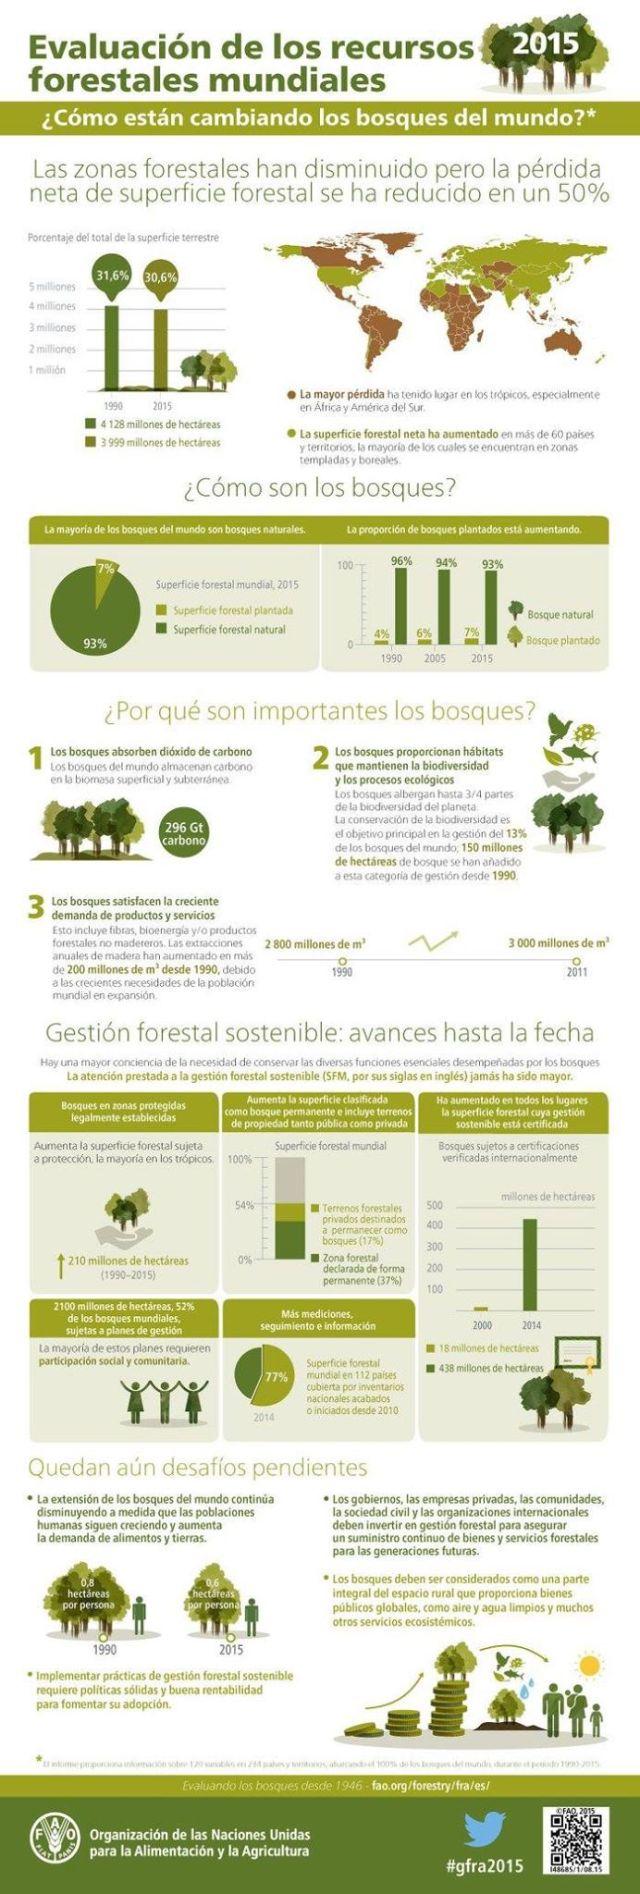 001-Evaluacion-de-los-recursos-forestales-mundiales-2015